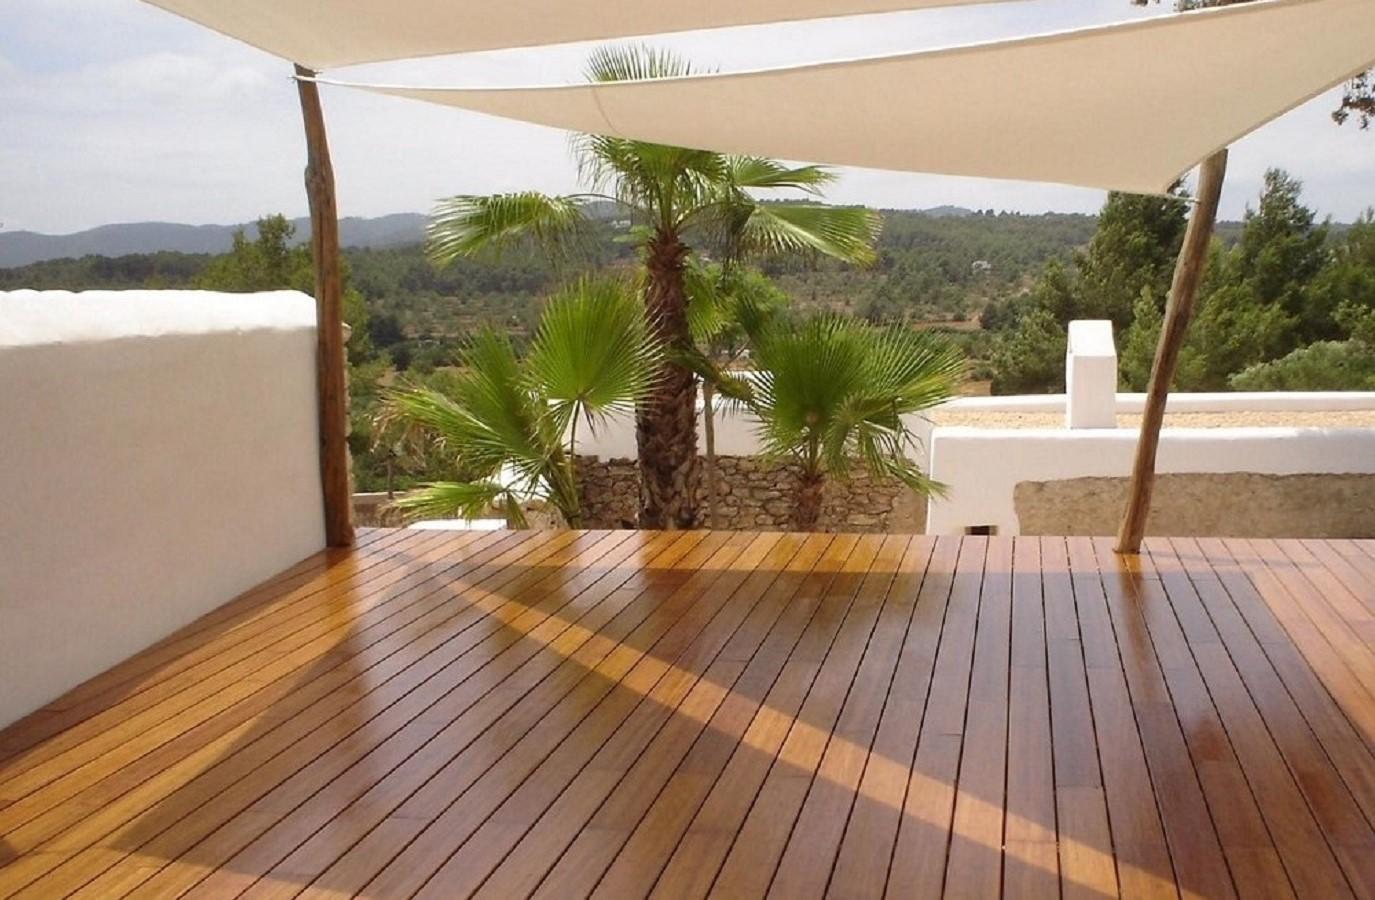 Proyectos Más Madera: Instalación de madera de Bambú en jardín particular en Marbella